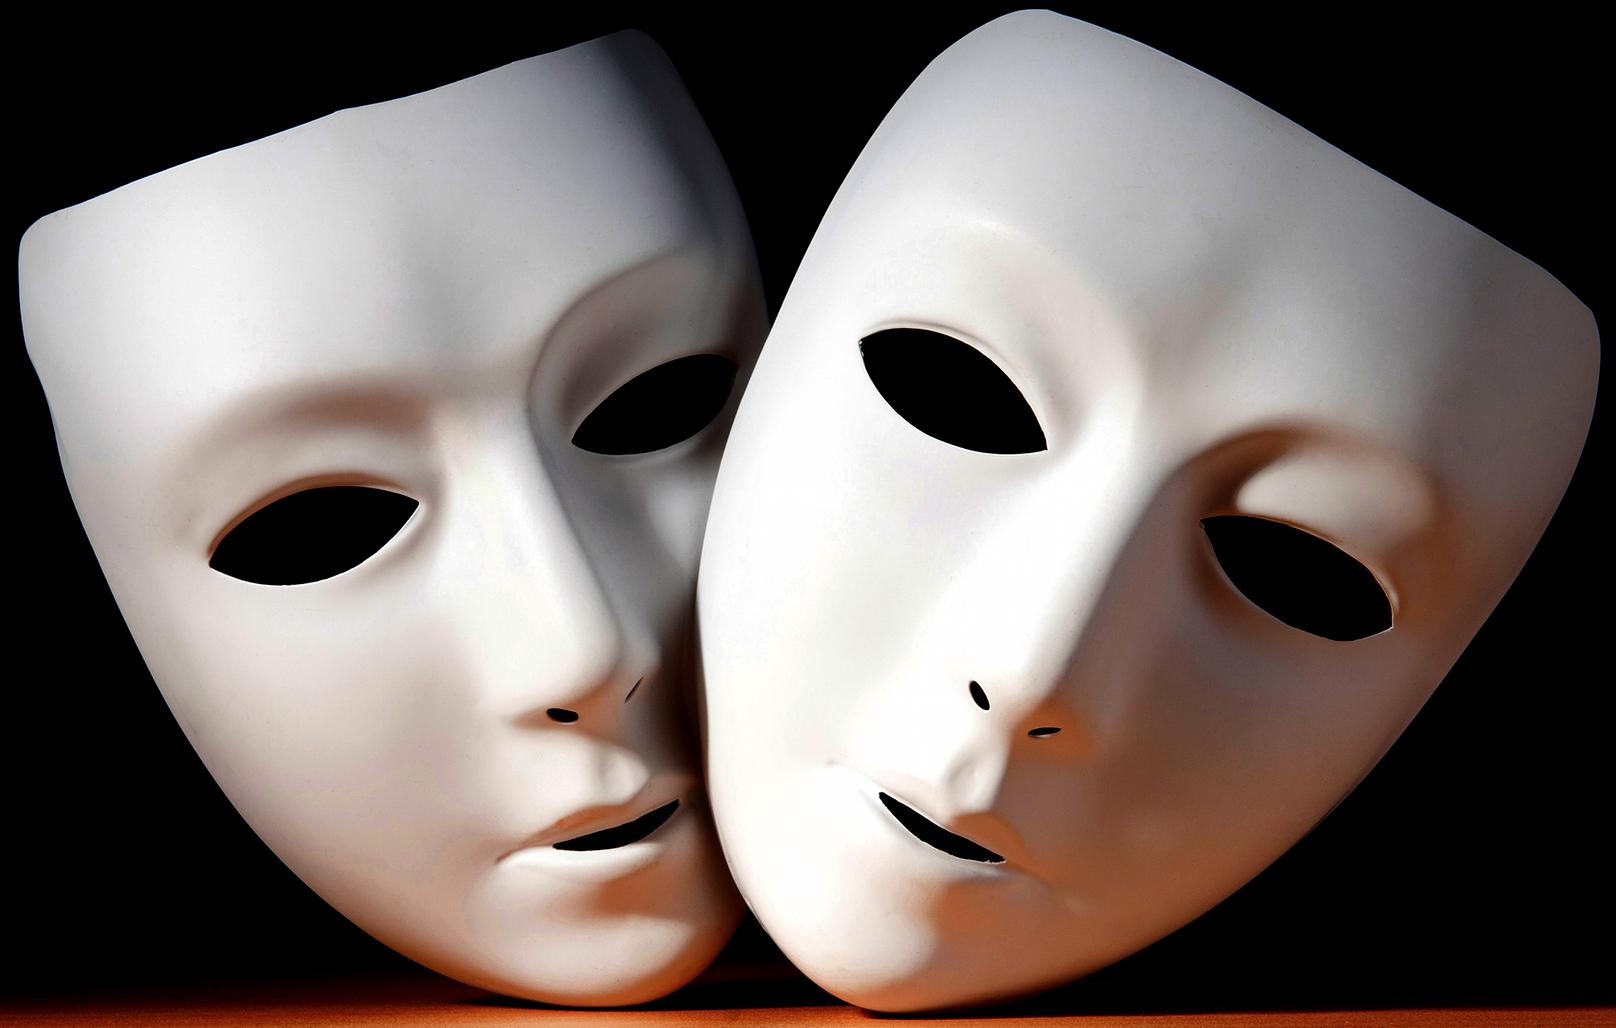 люди картинки актерских масок того, те